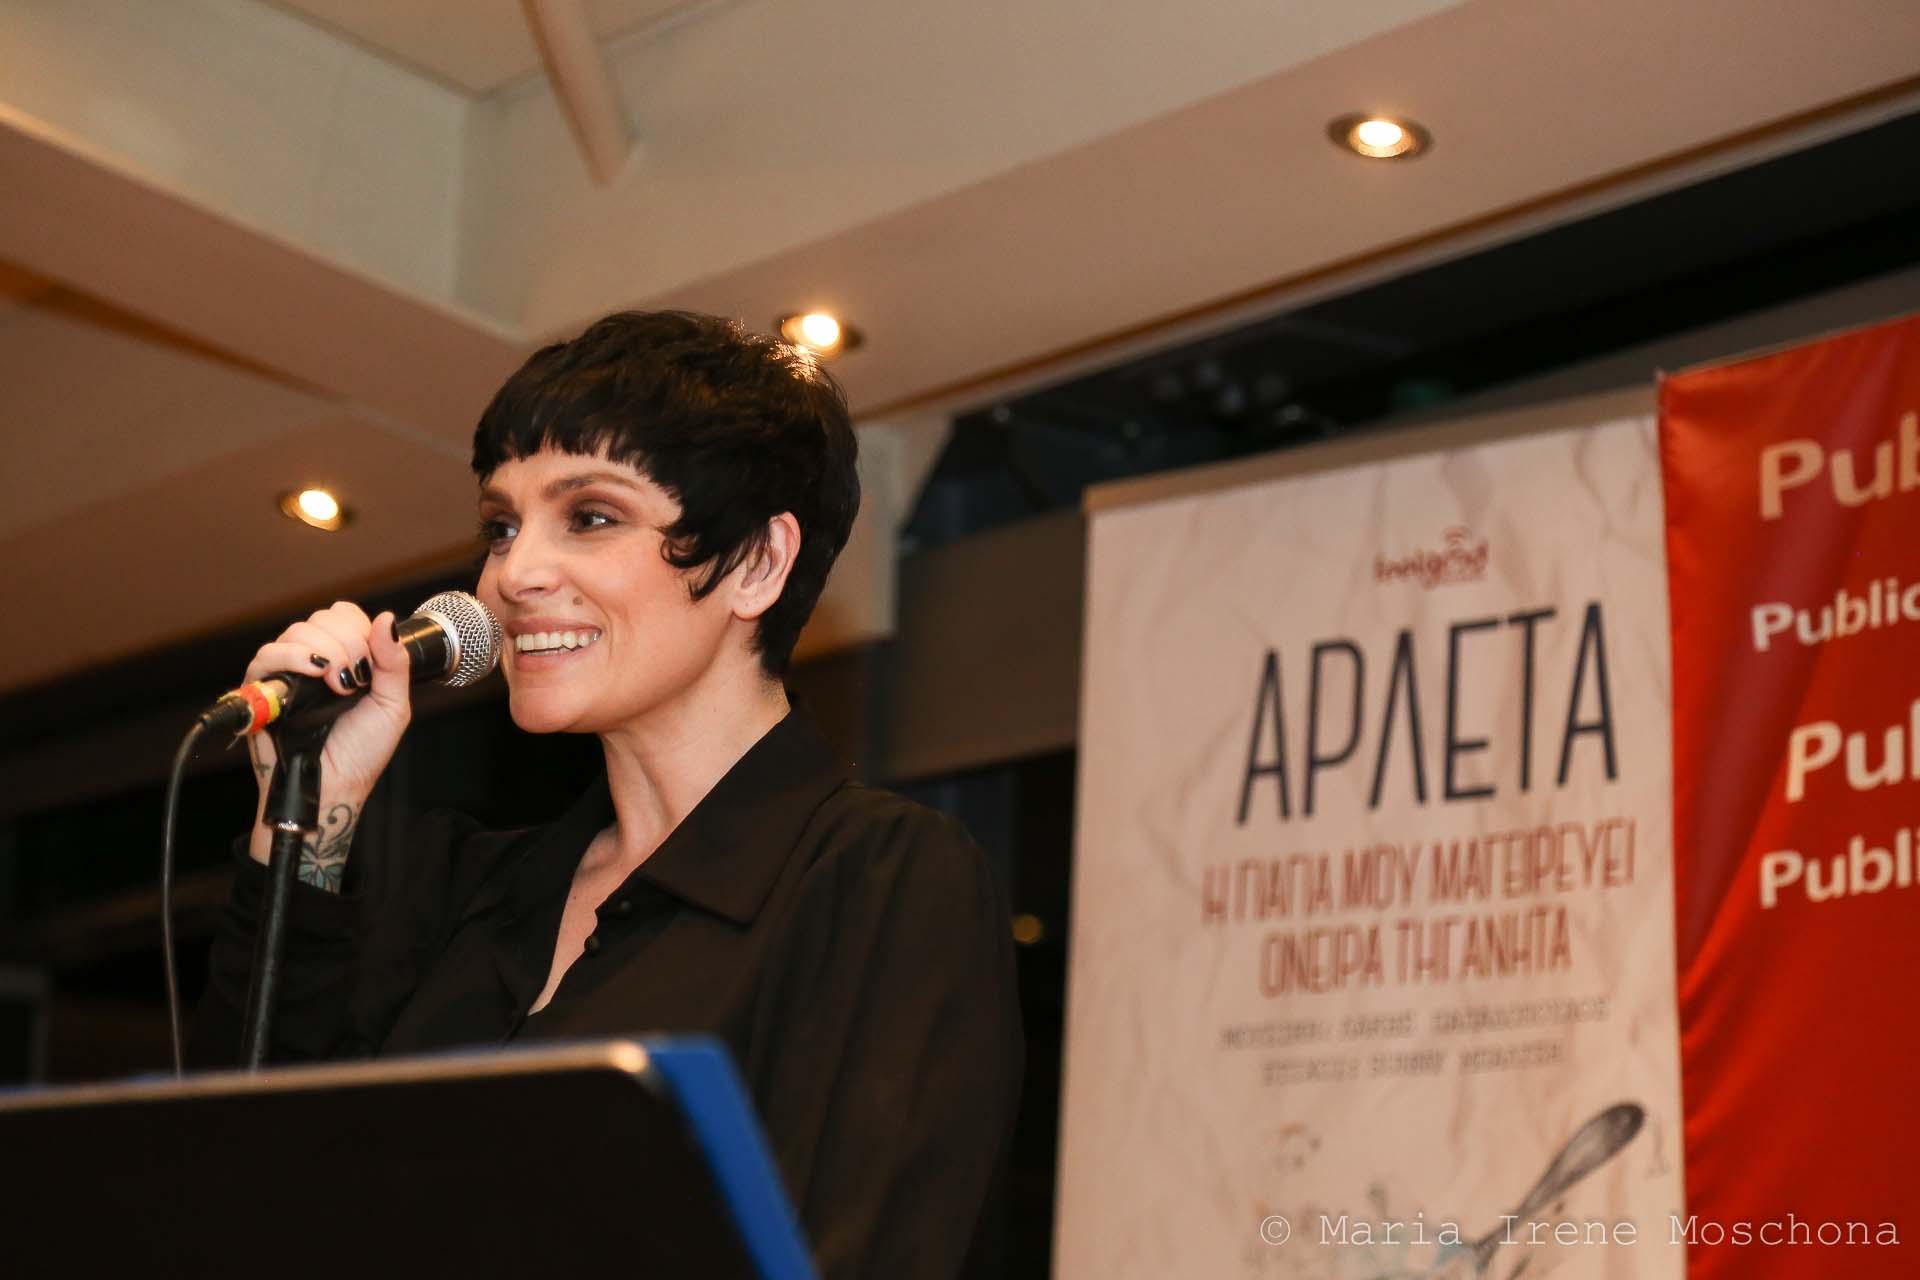 Στον απόηχο της παρουσίασης του τελευταίου άλμπουμ της Αρλέτας